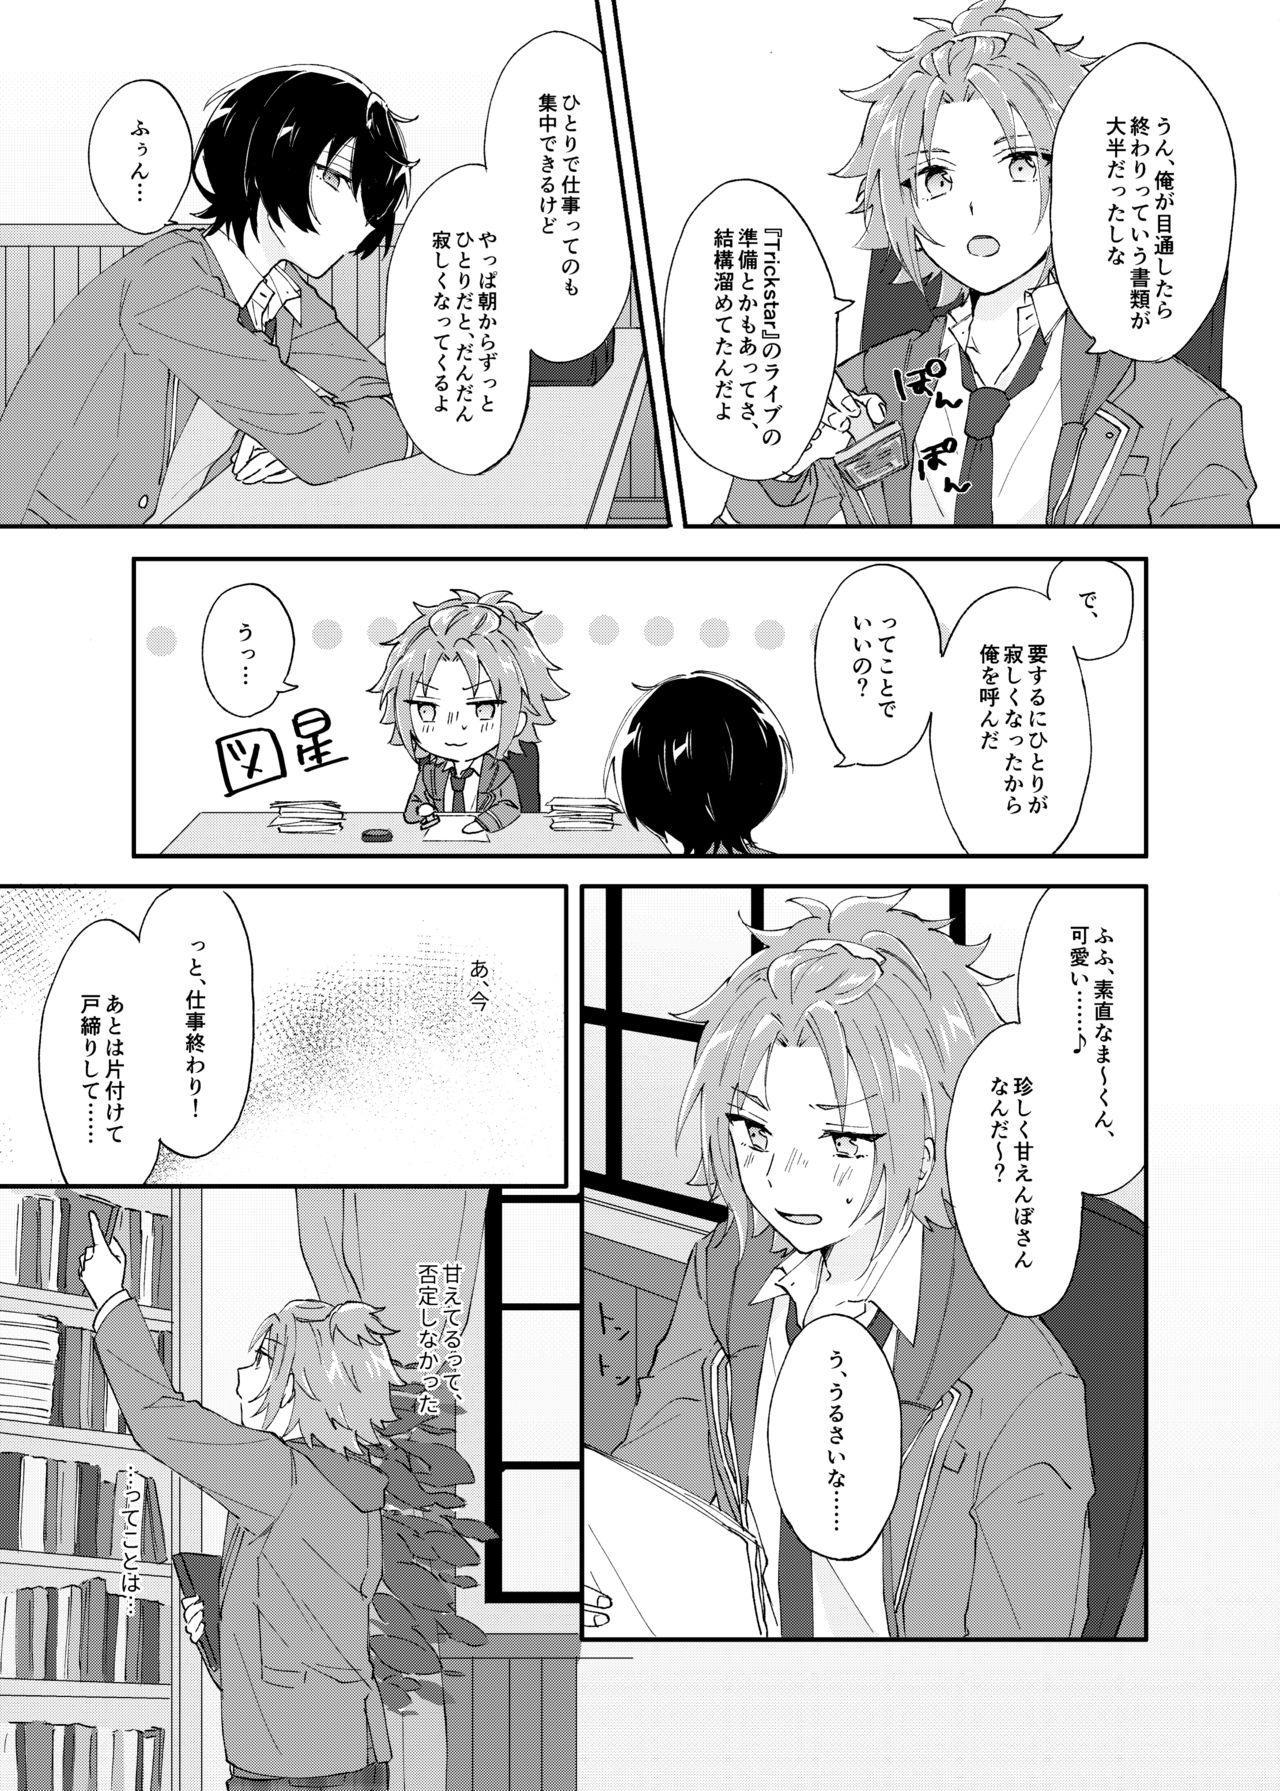 Rou o Tokashite 4